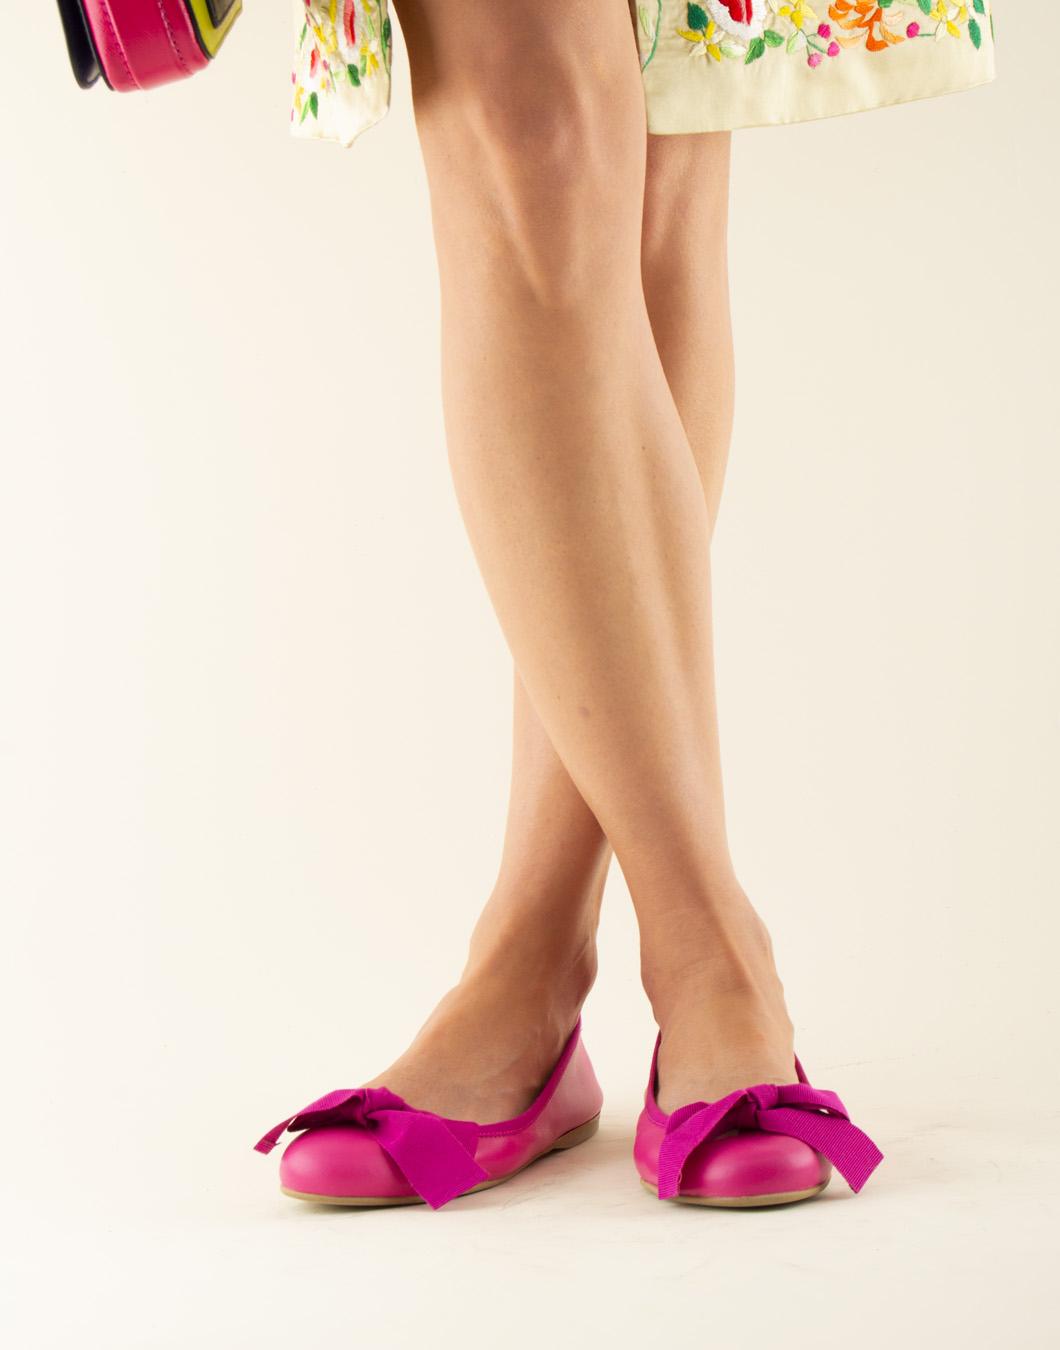 prese di fabbrica completo nelle specifiche confrontare il prezzo ballerine mauro leone - Shoeplay Fashion blog di scarpe da donna